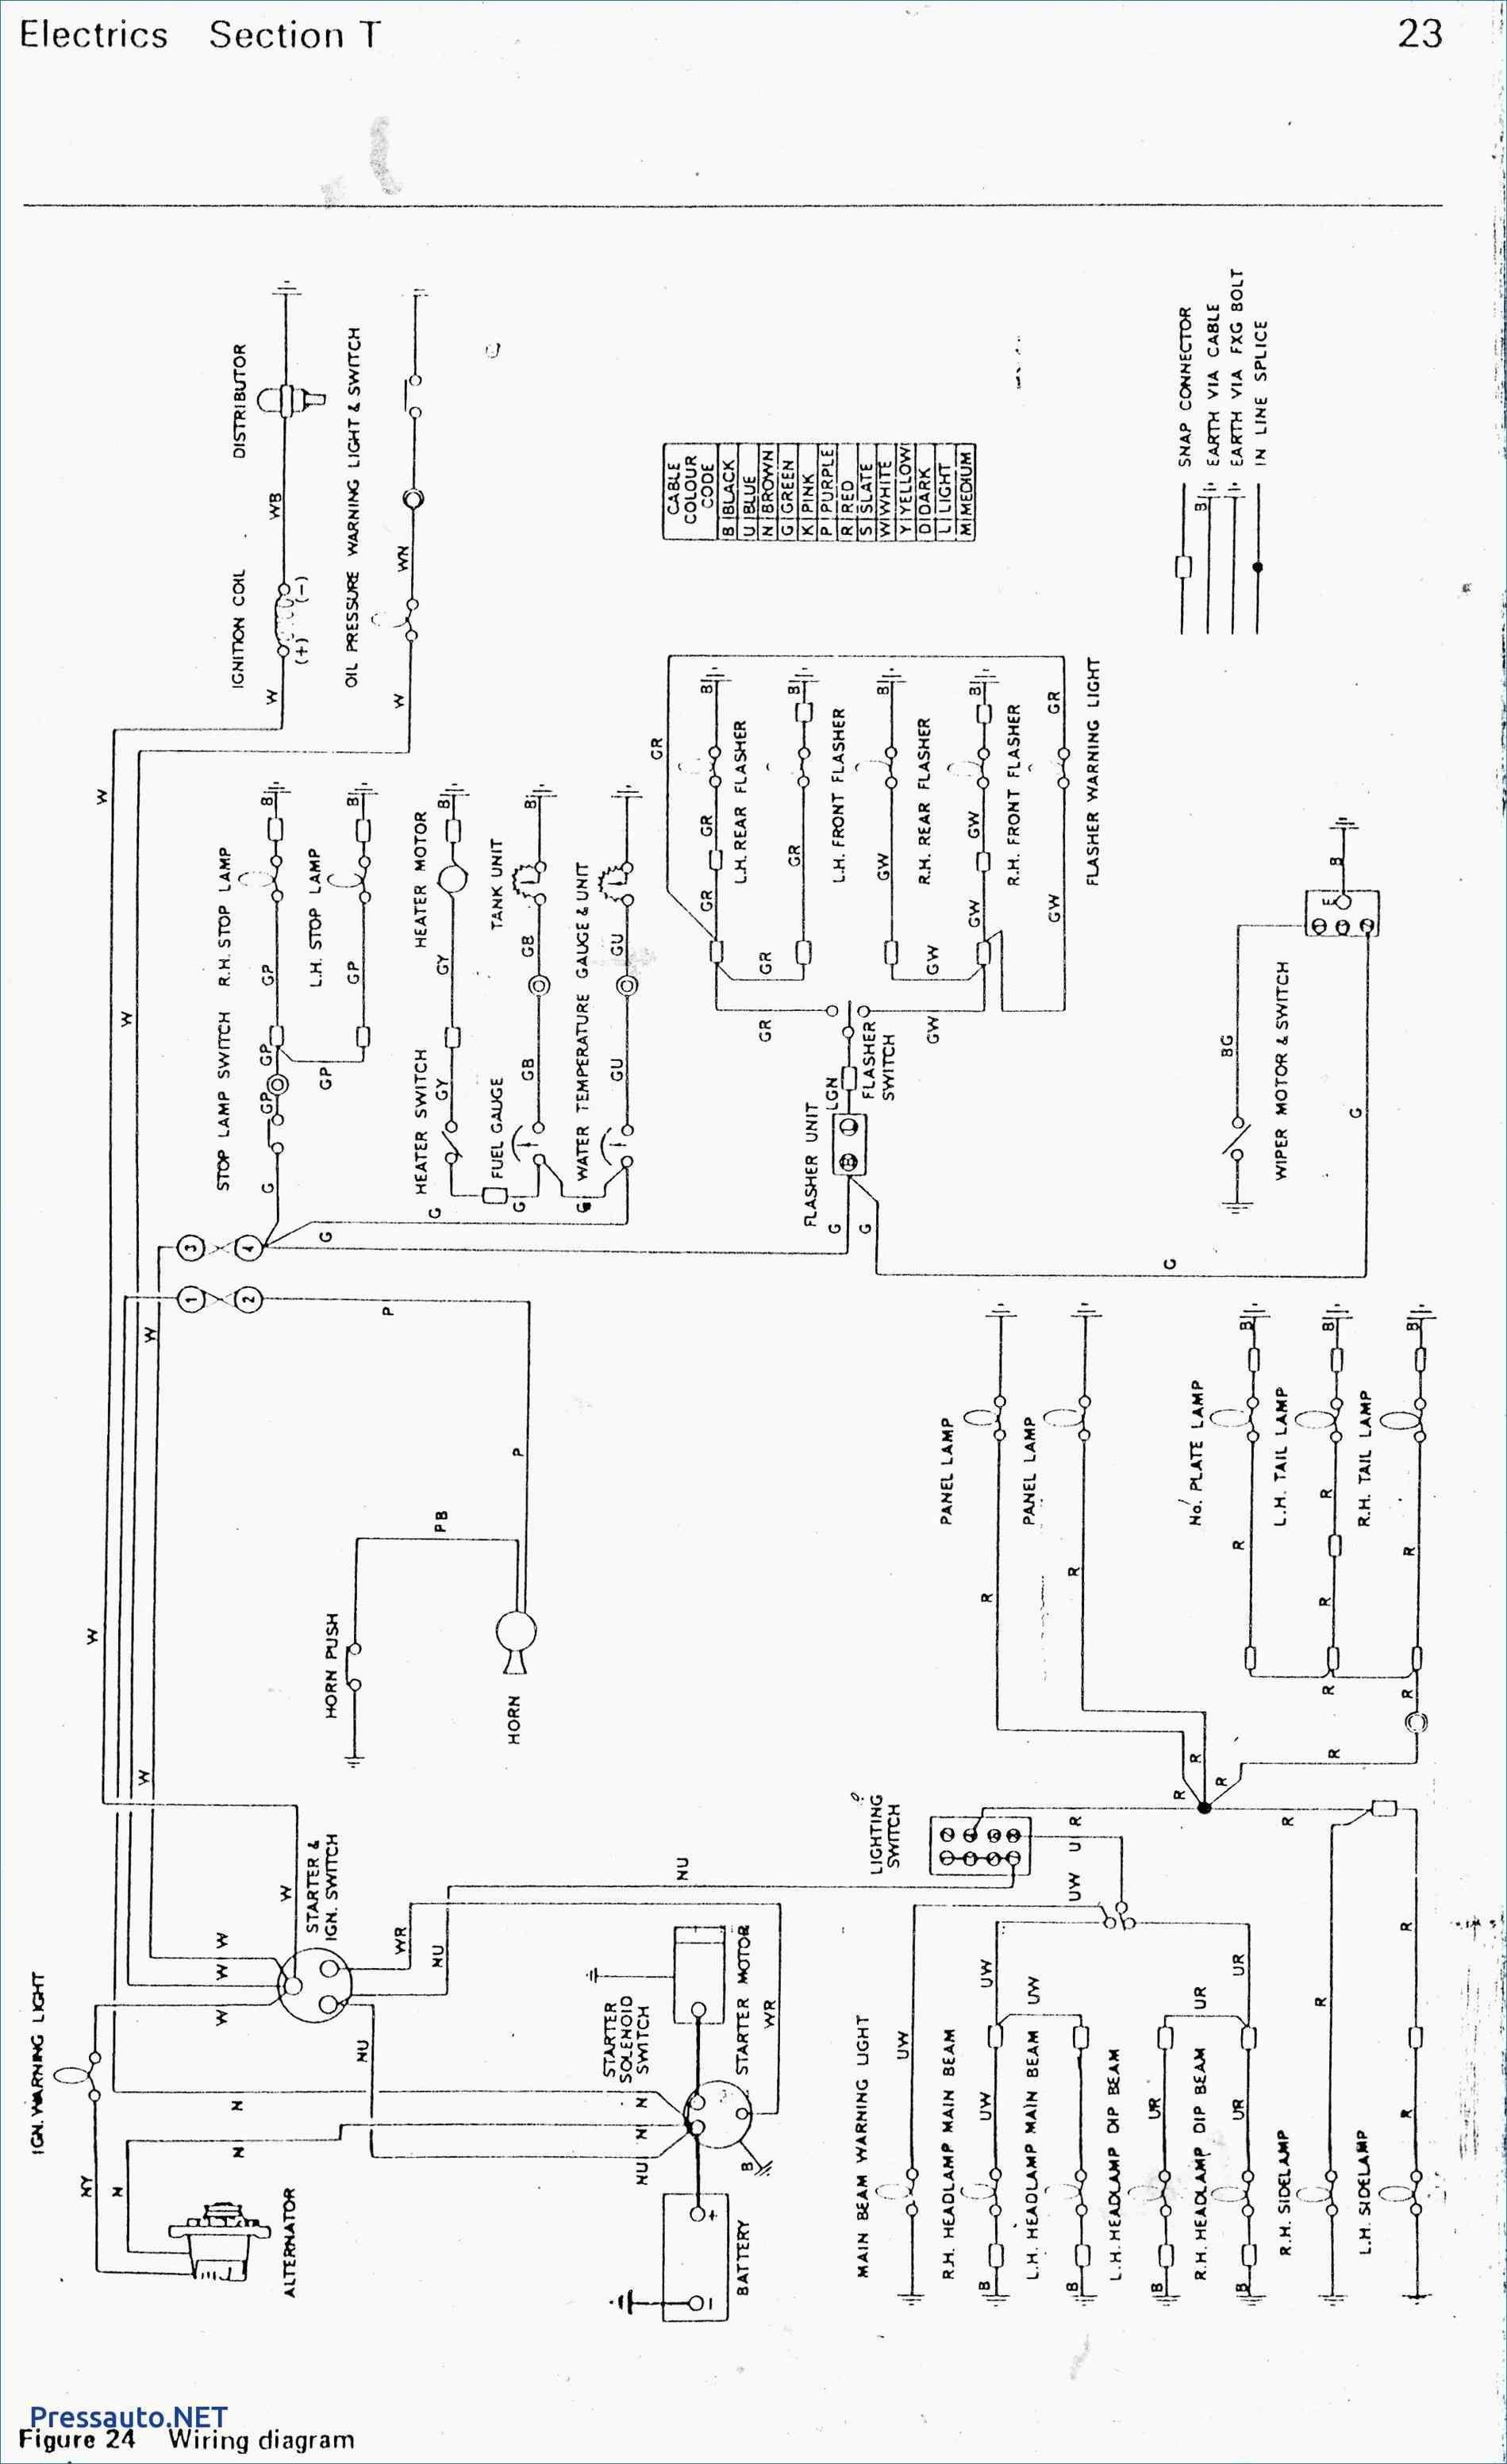 Yale Glc080 Wiring Diagram | Wiring Diagrams